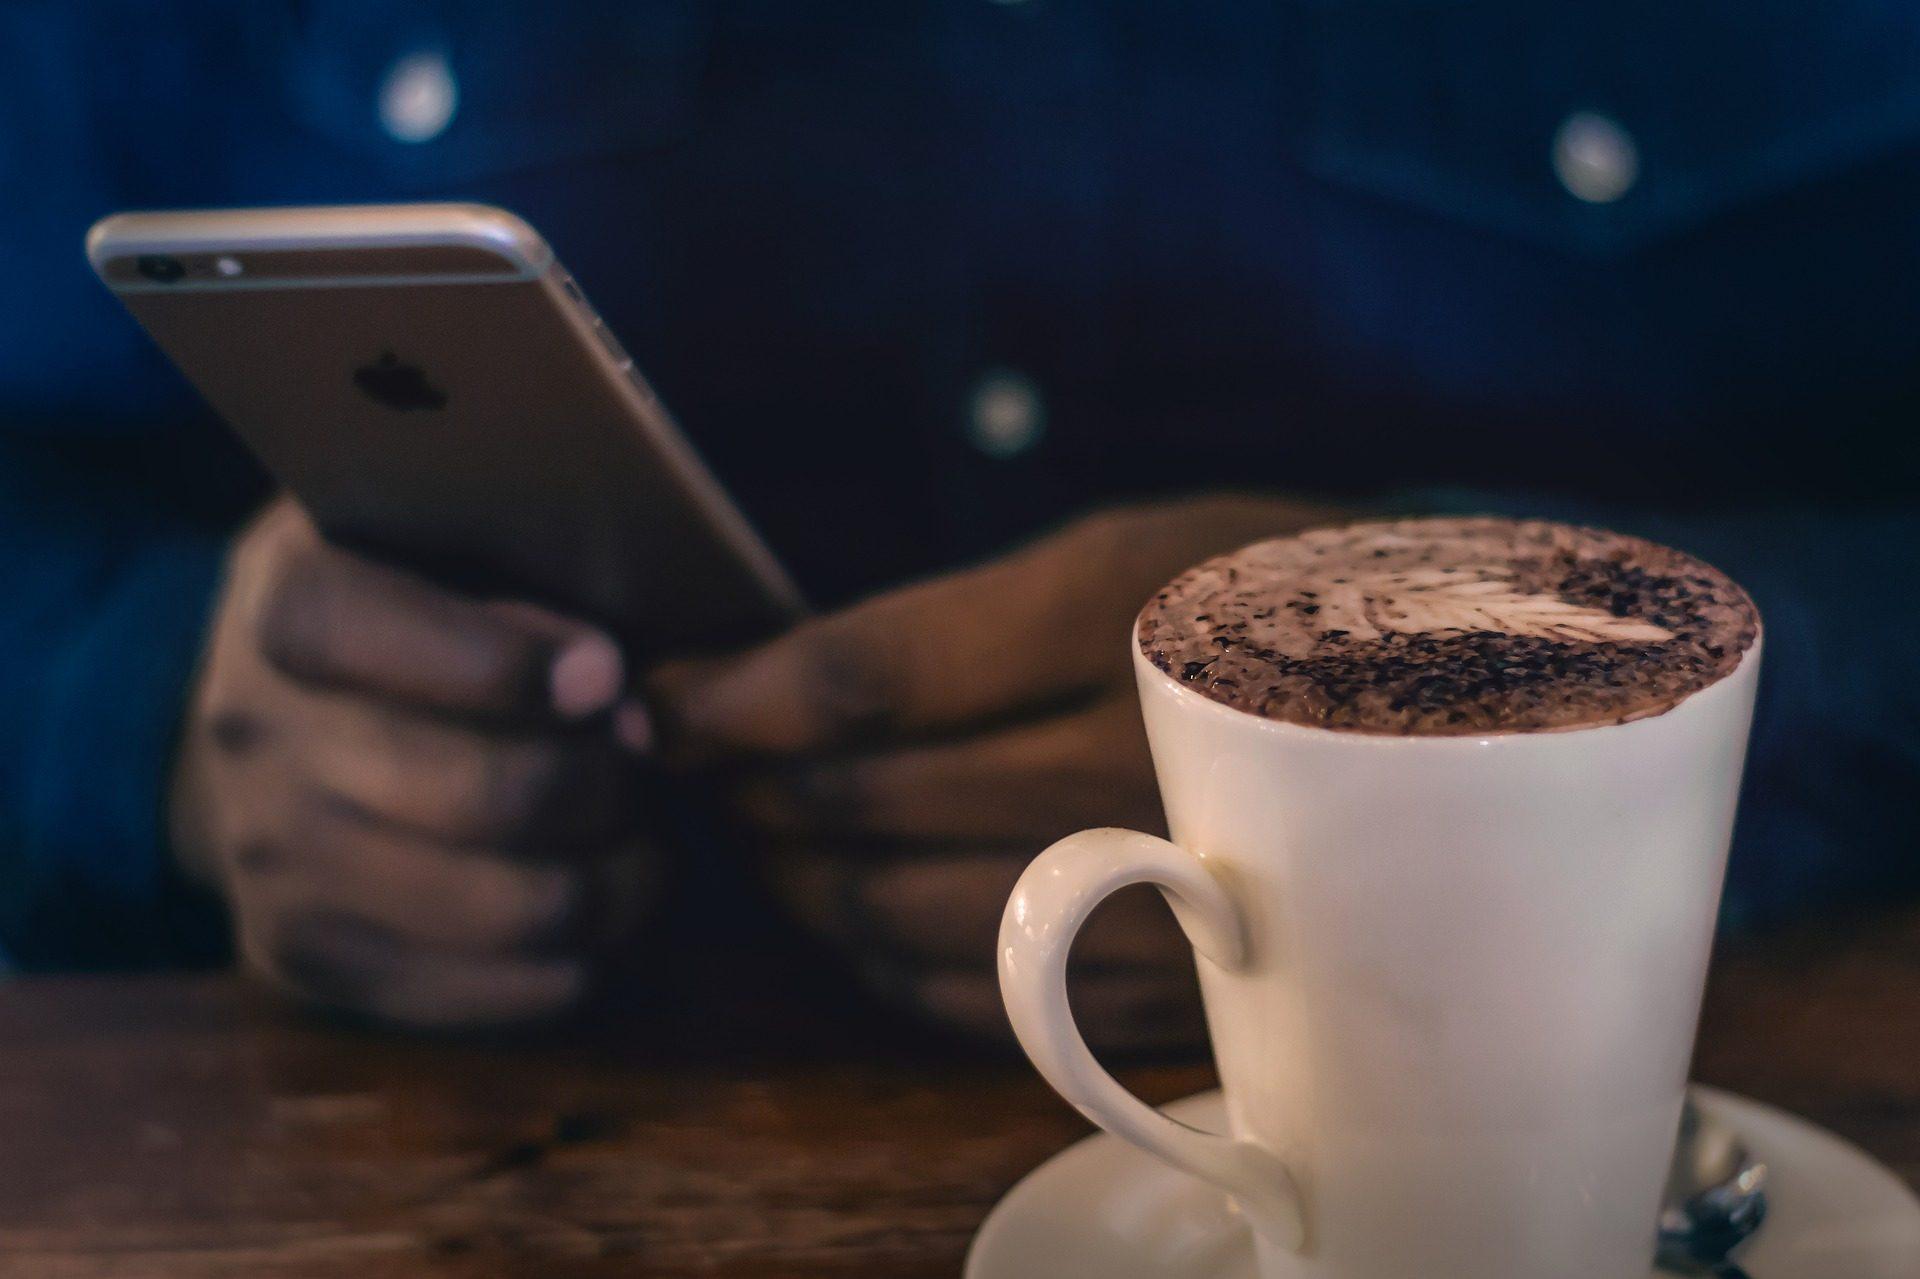 café, कपकॉफीno, मोबाइल, हाथ - HD वॉलपेपर - प्रोफेसर-falken.com